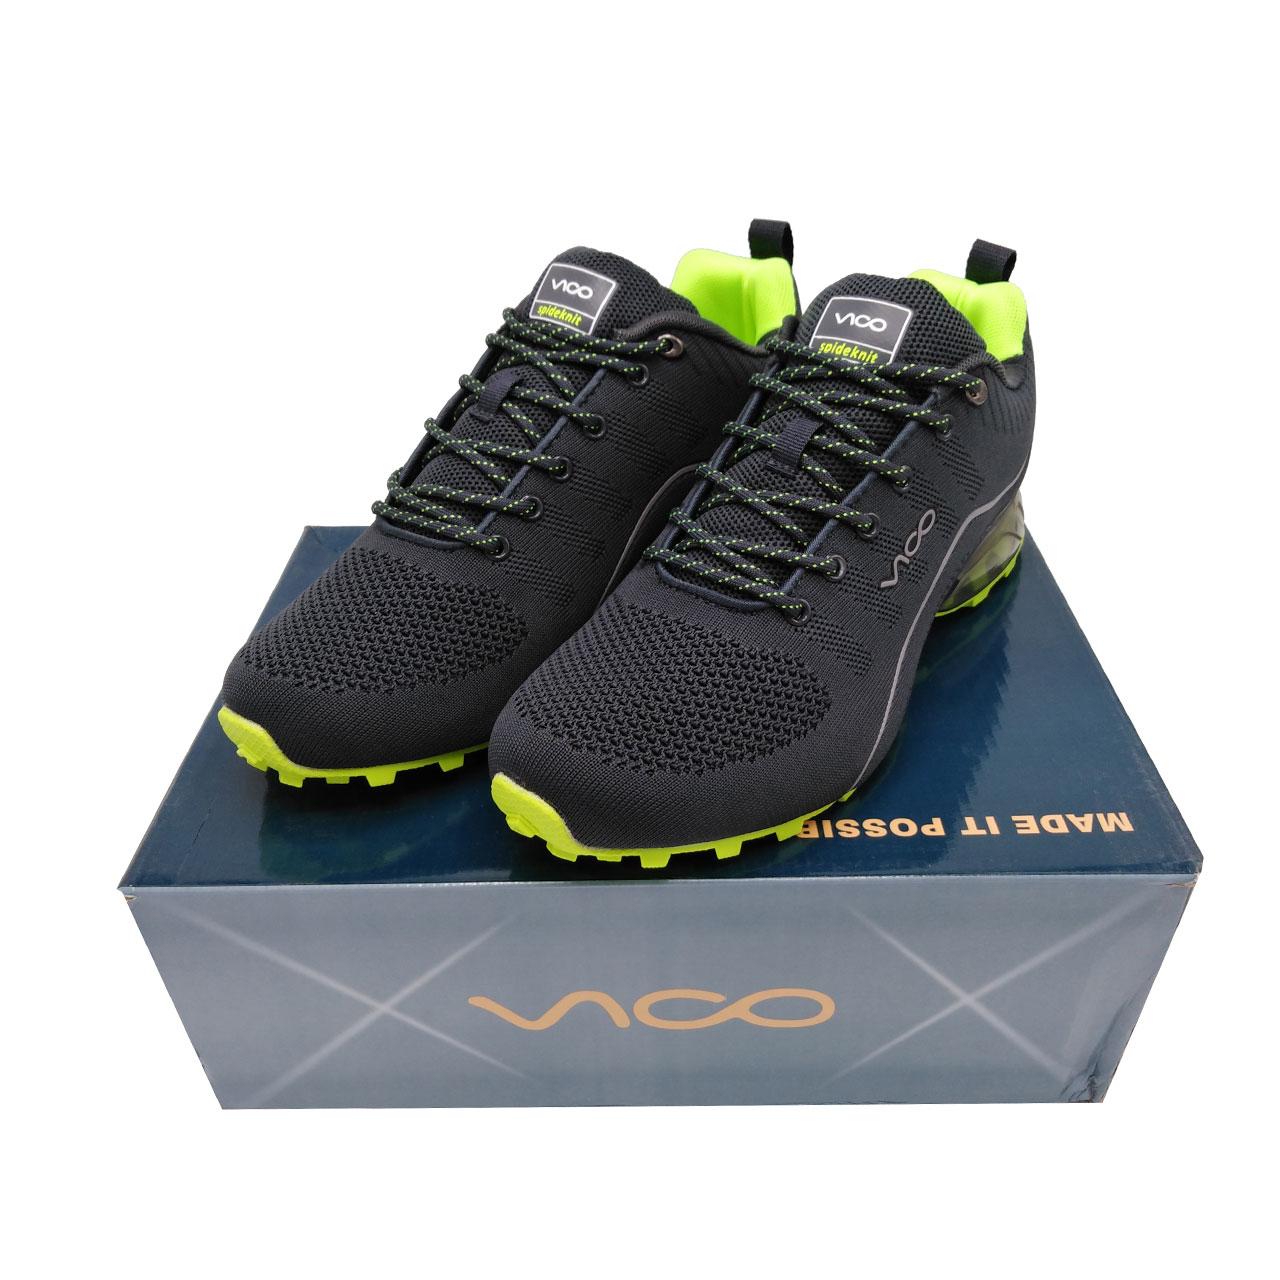 کفش مخصوص دویدن مردانه ویکو مدل R3056 M2